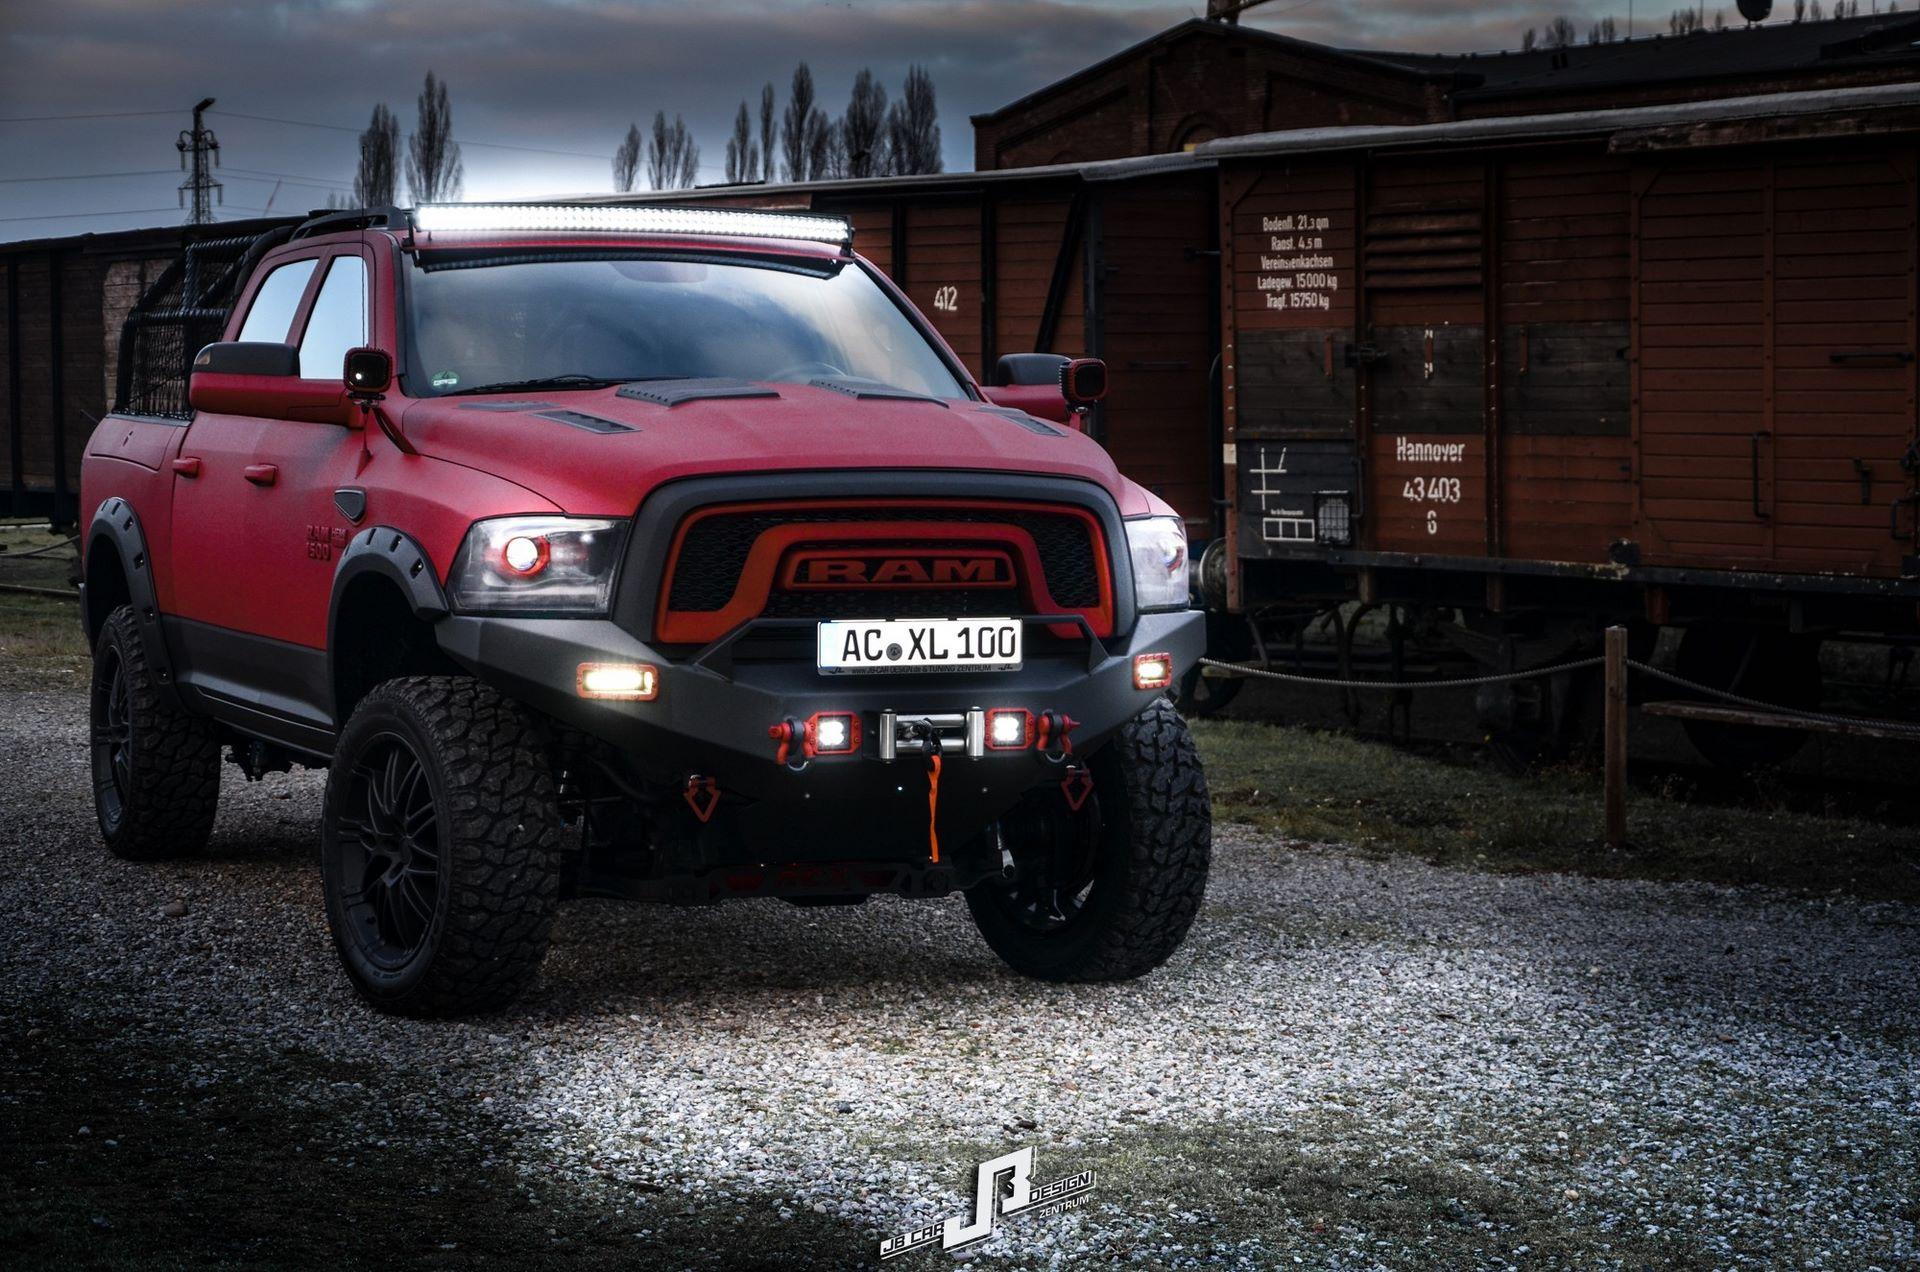 Ram-1500-by-JB-Car-Design-16